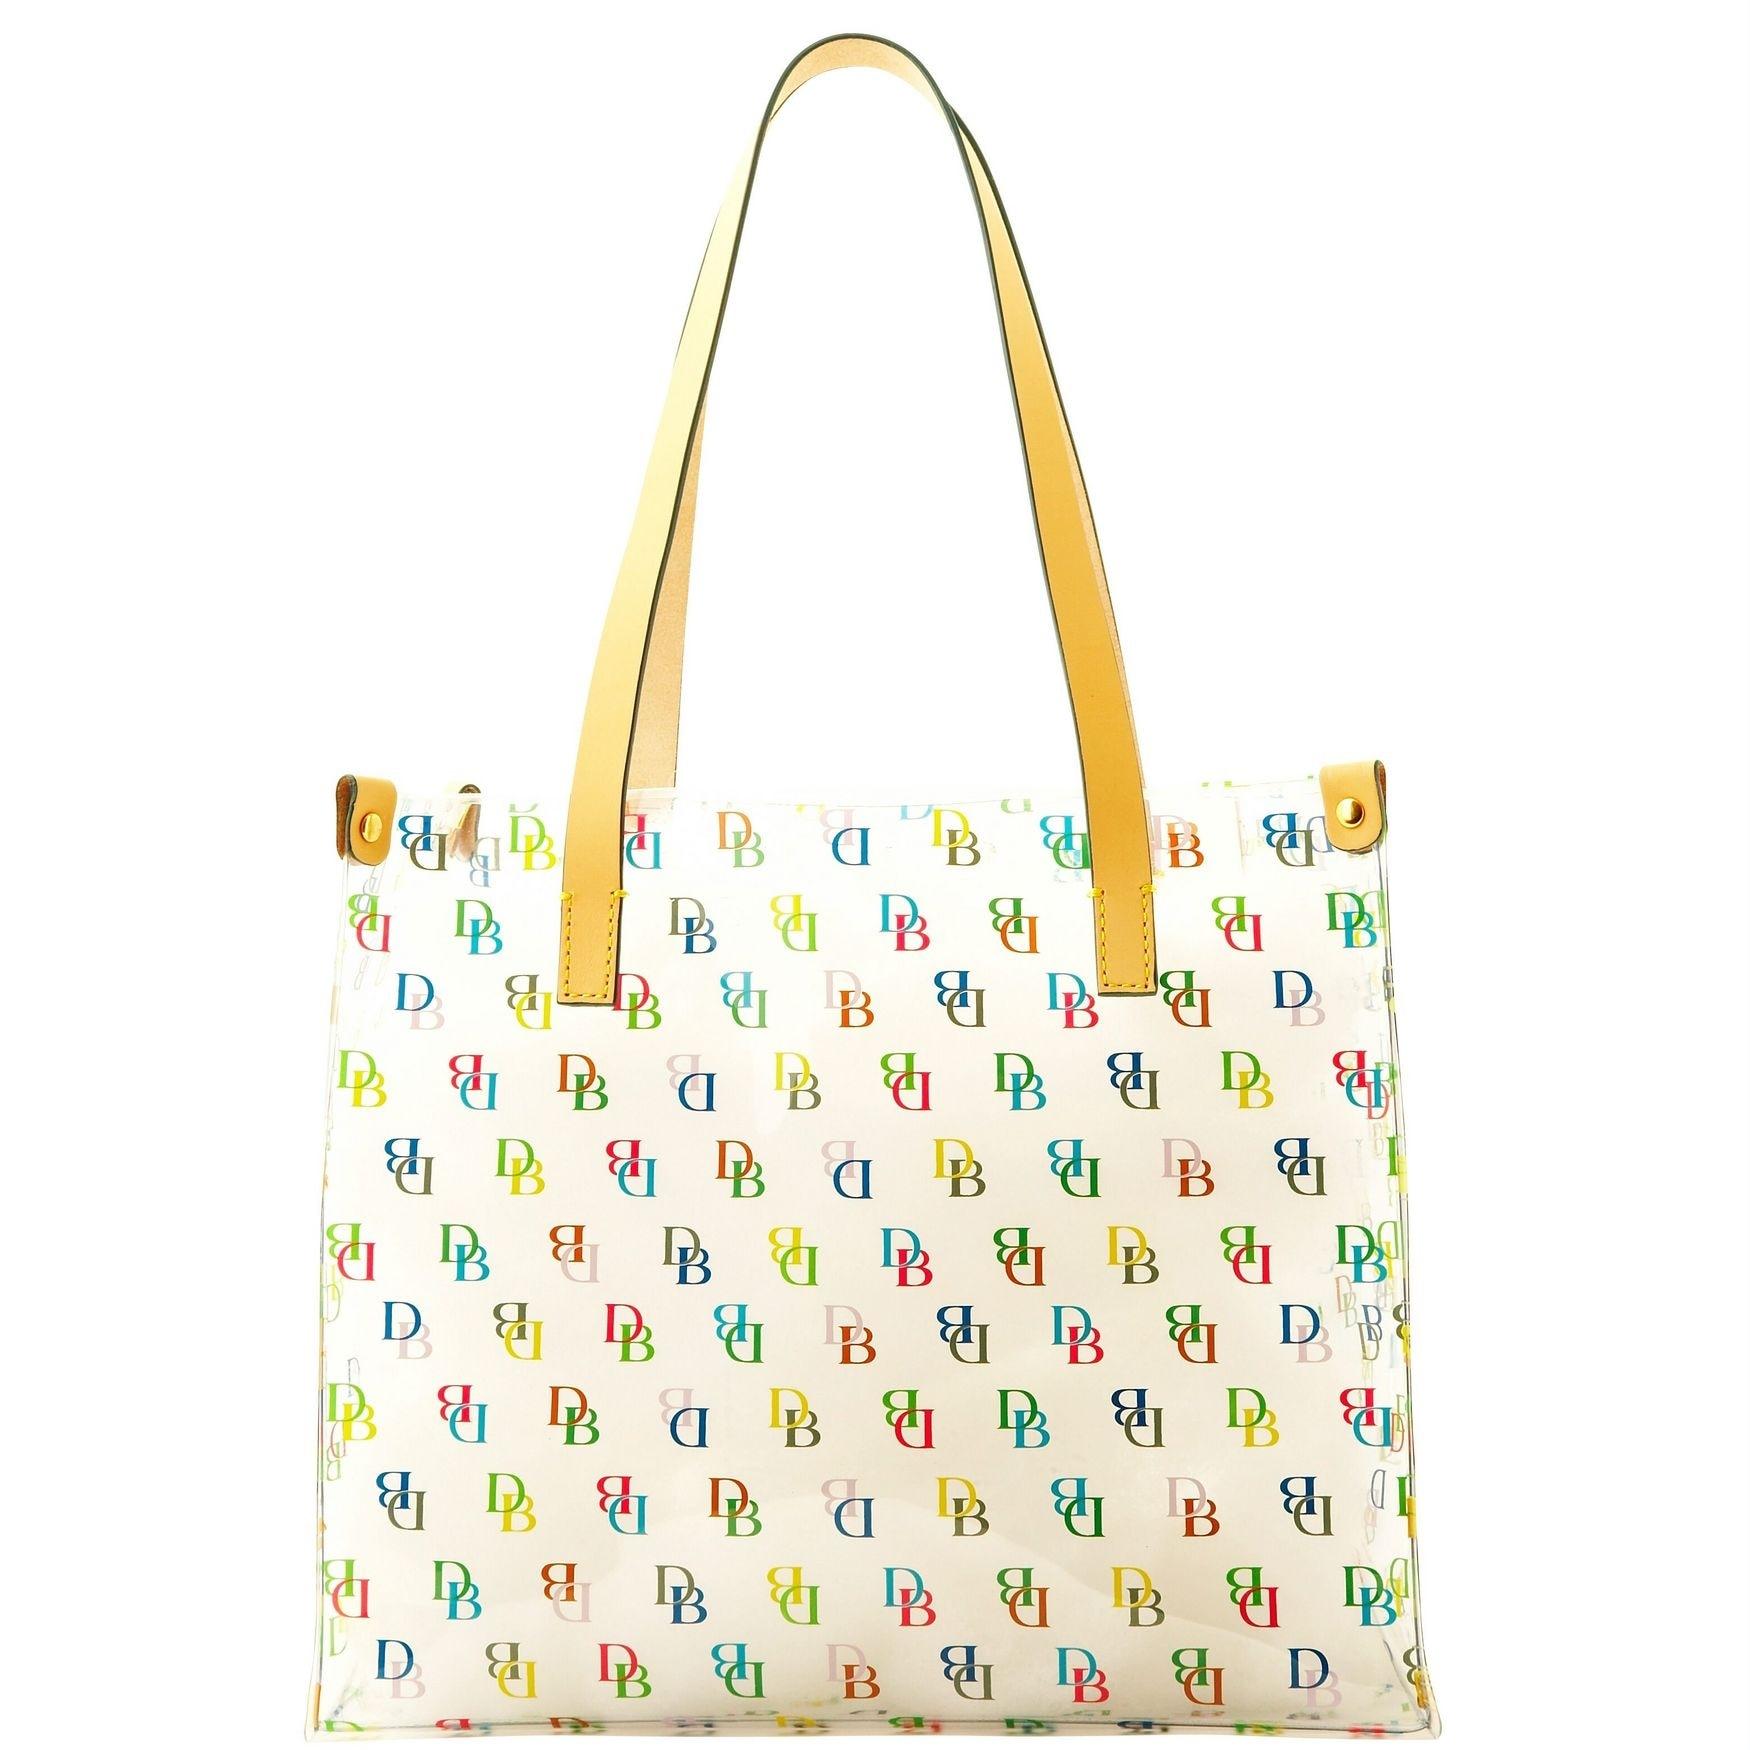 a5550ae4db0 Designer Handbags